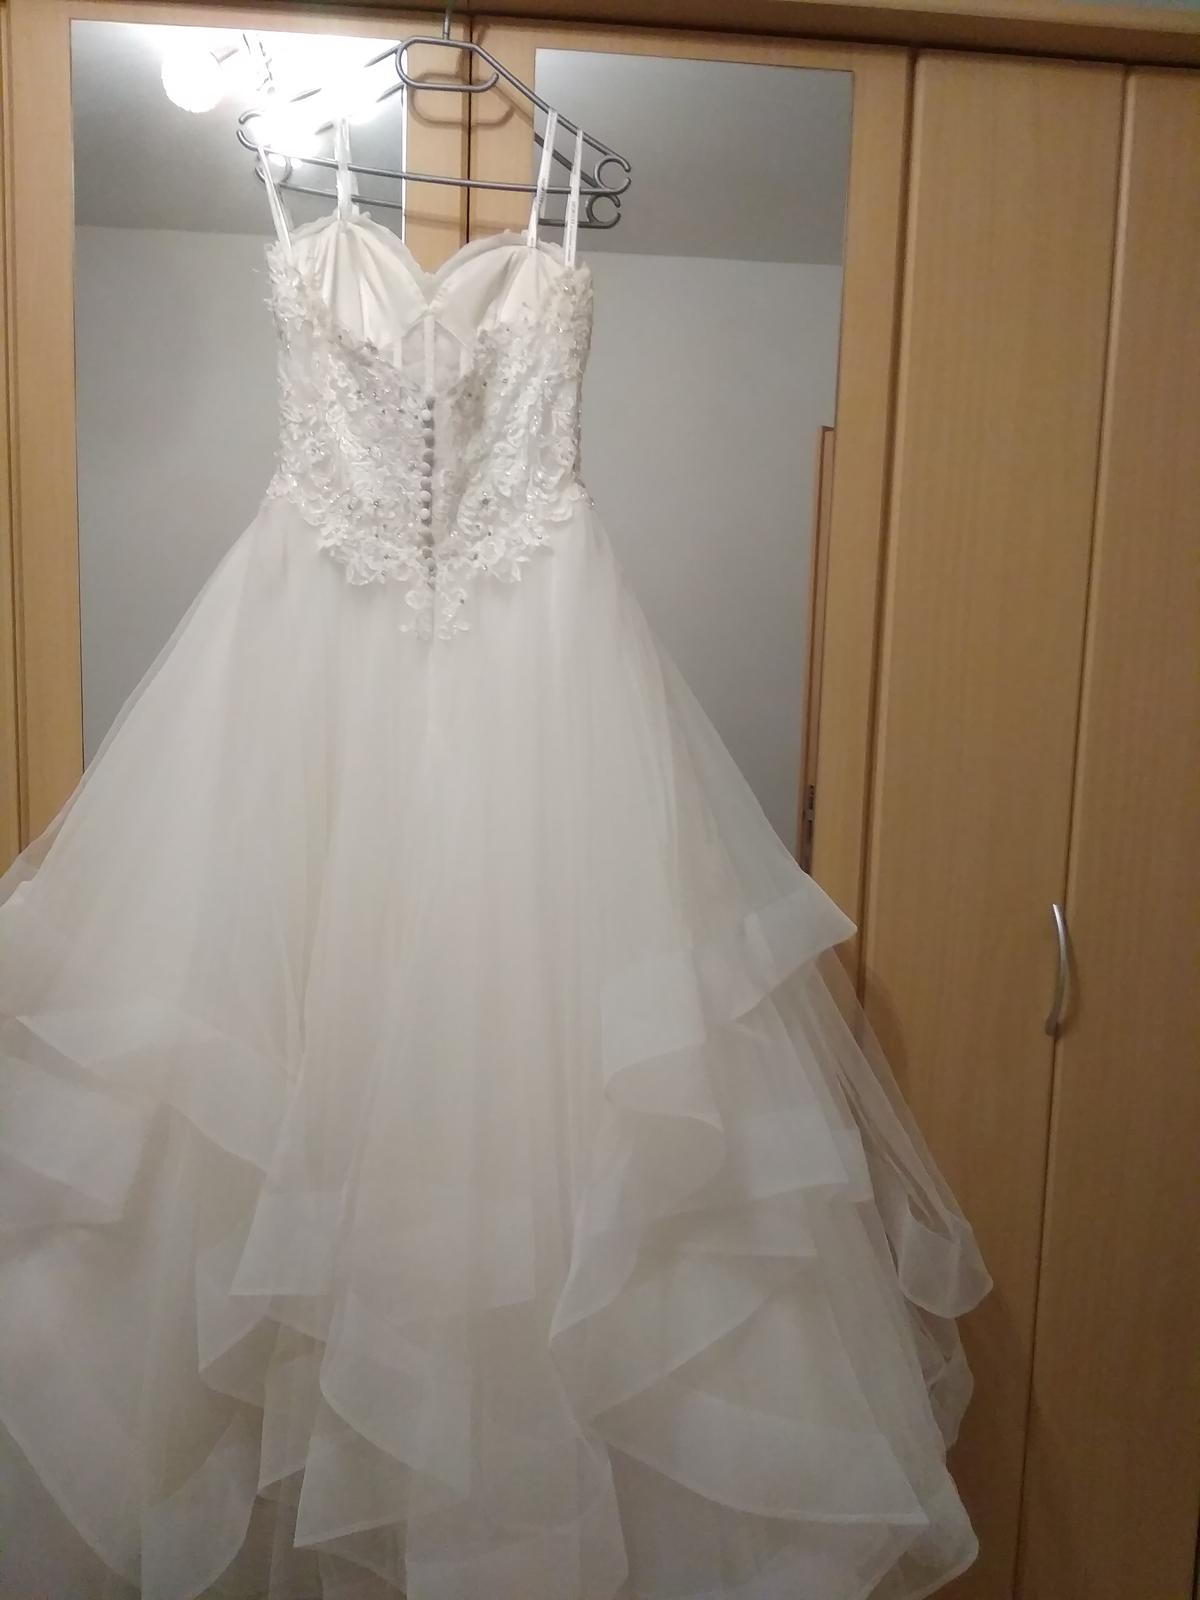 Značkové svatební šaty Mori Lee 36-38, 40-42 - Obrázek č. 3